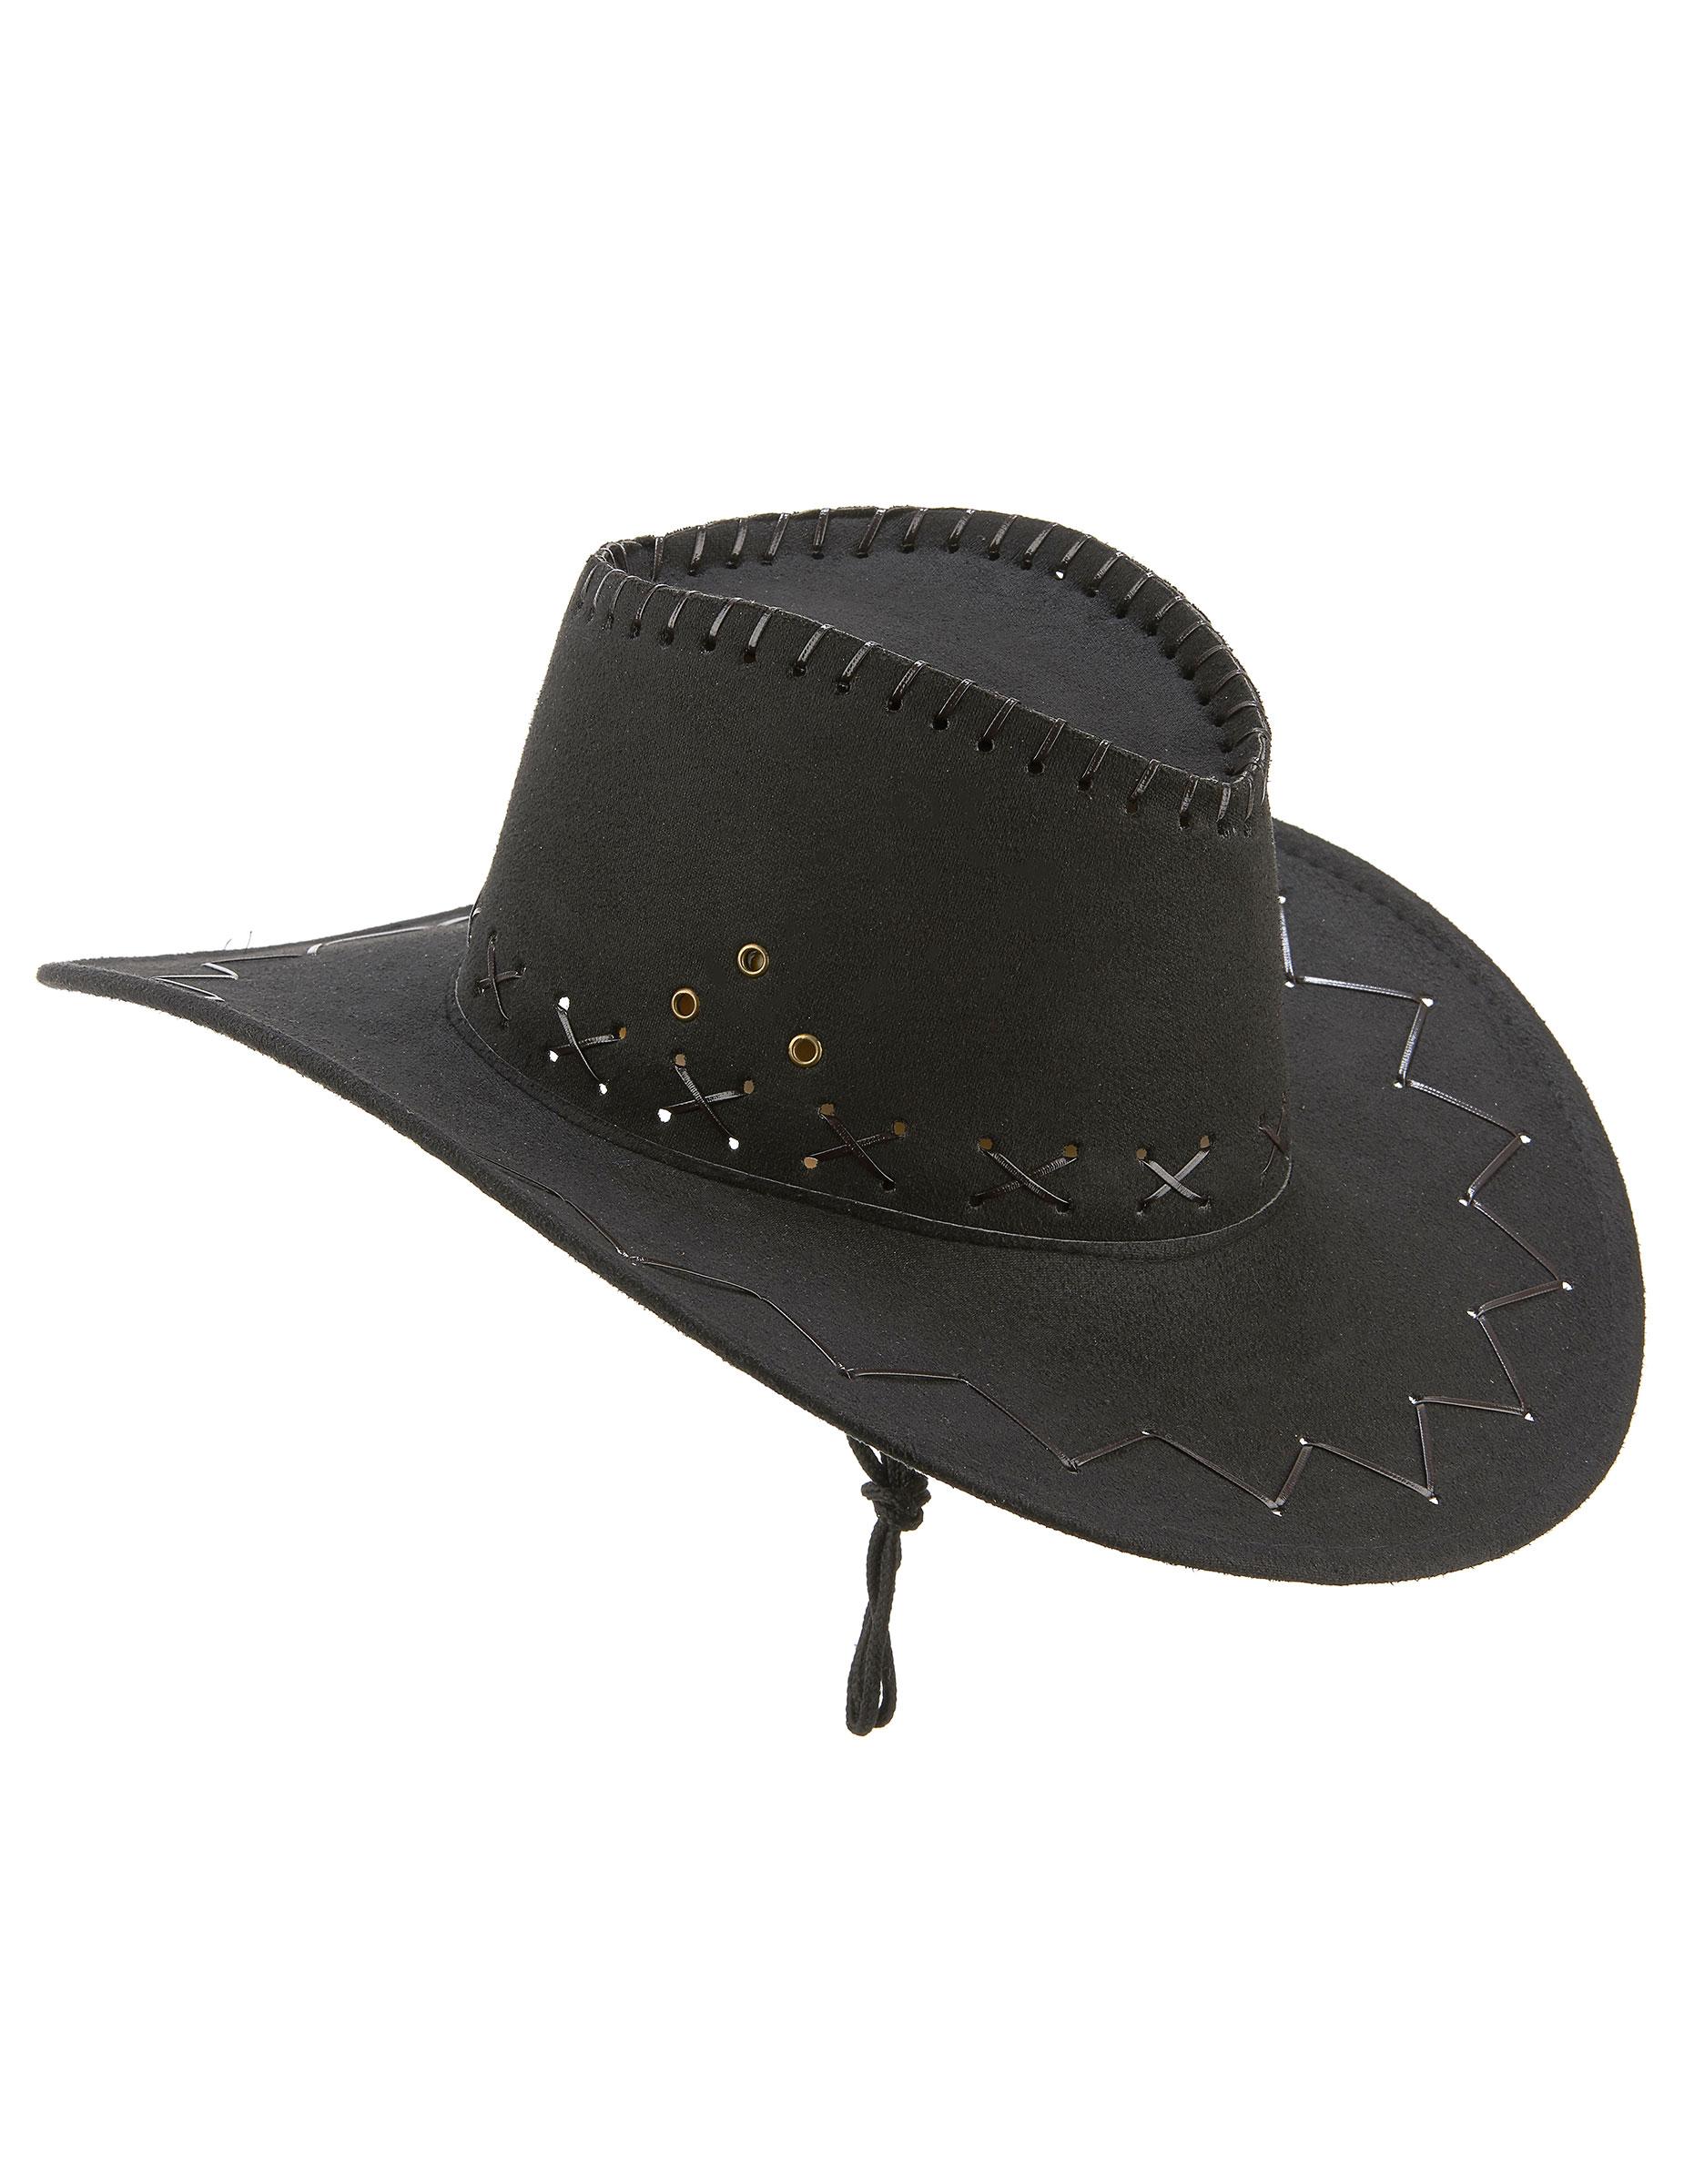 Sombrero vaquero negro adulto  Sombreros 1f9d7ca703a